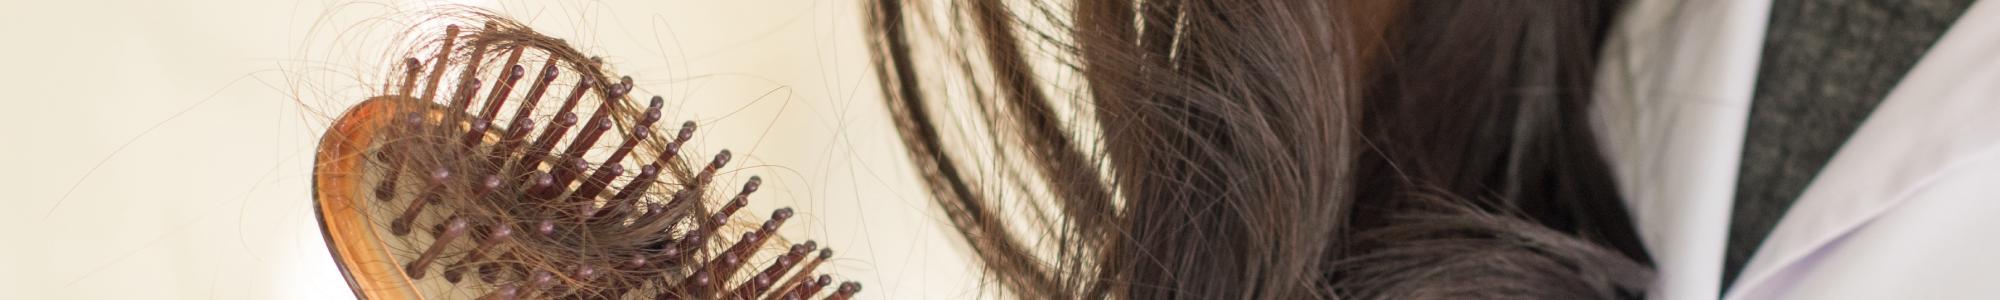 Soins aux extraits naturels pour ralentir la chute des cheveux